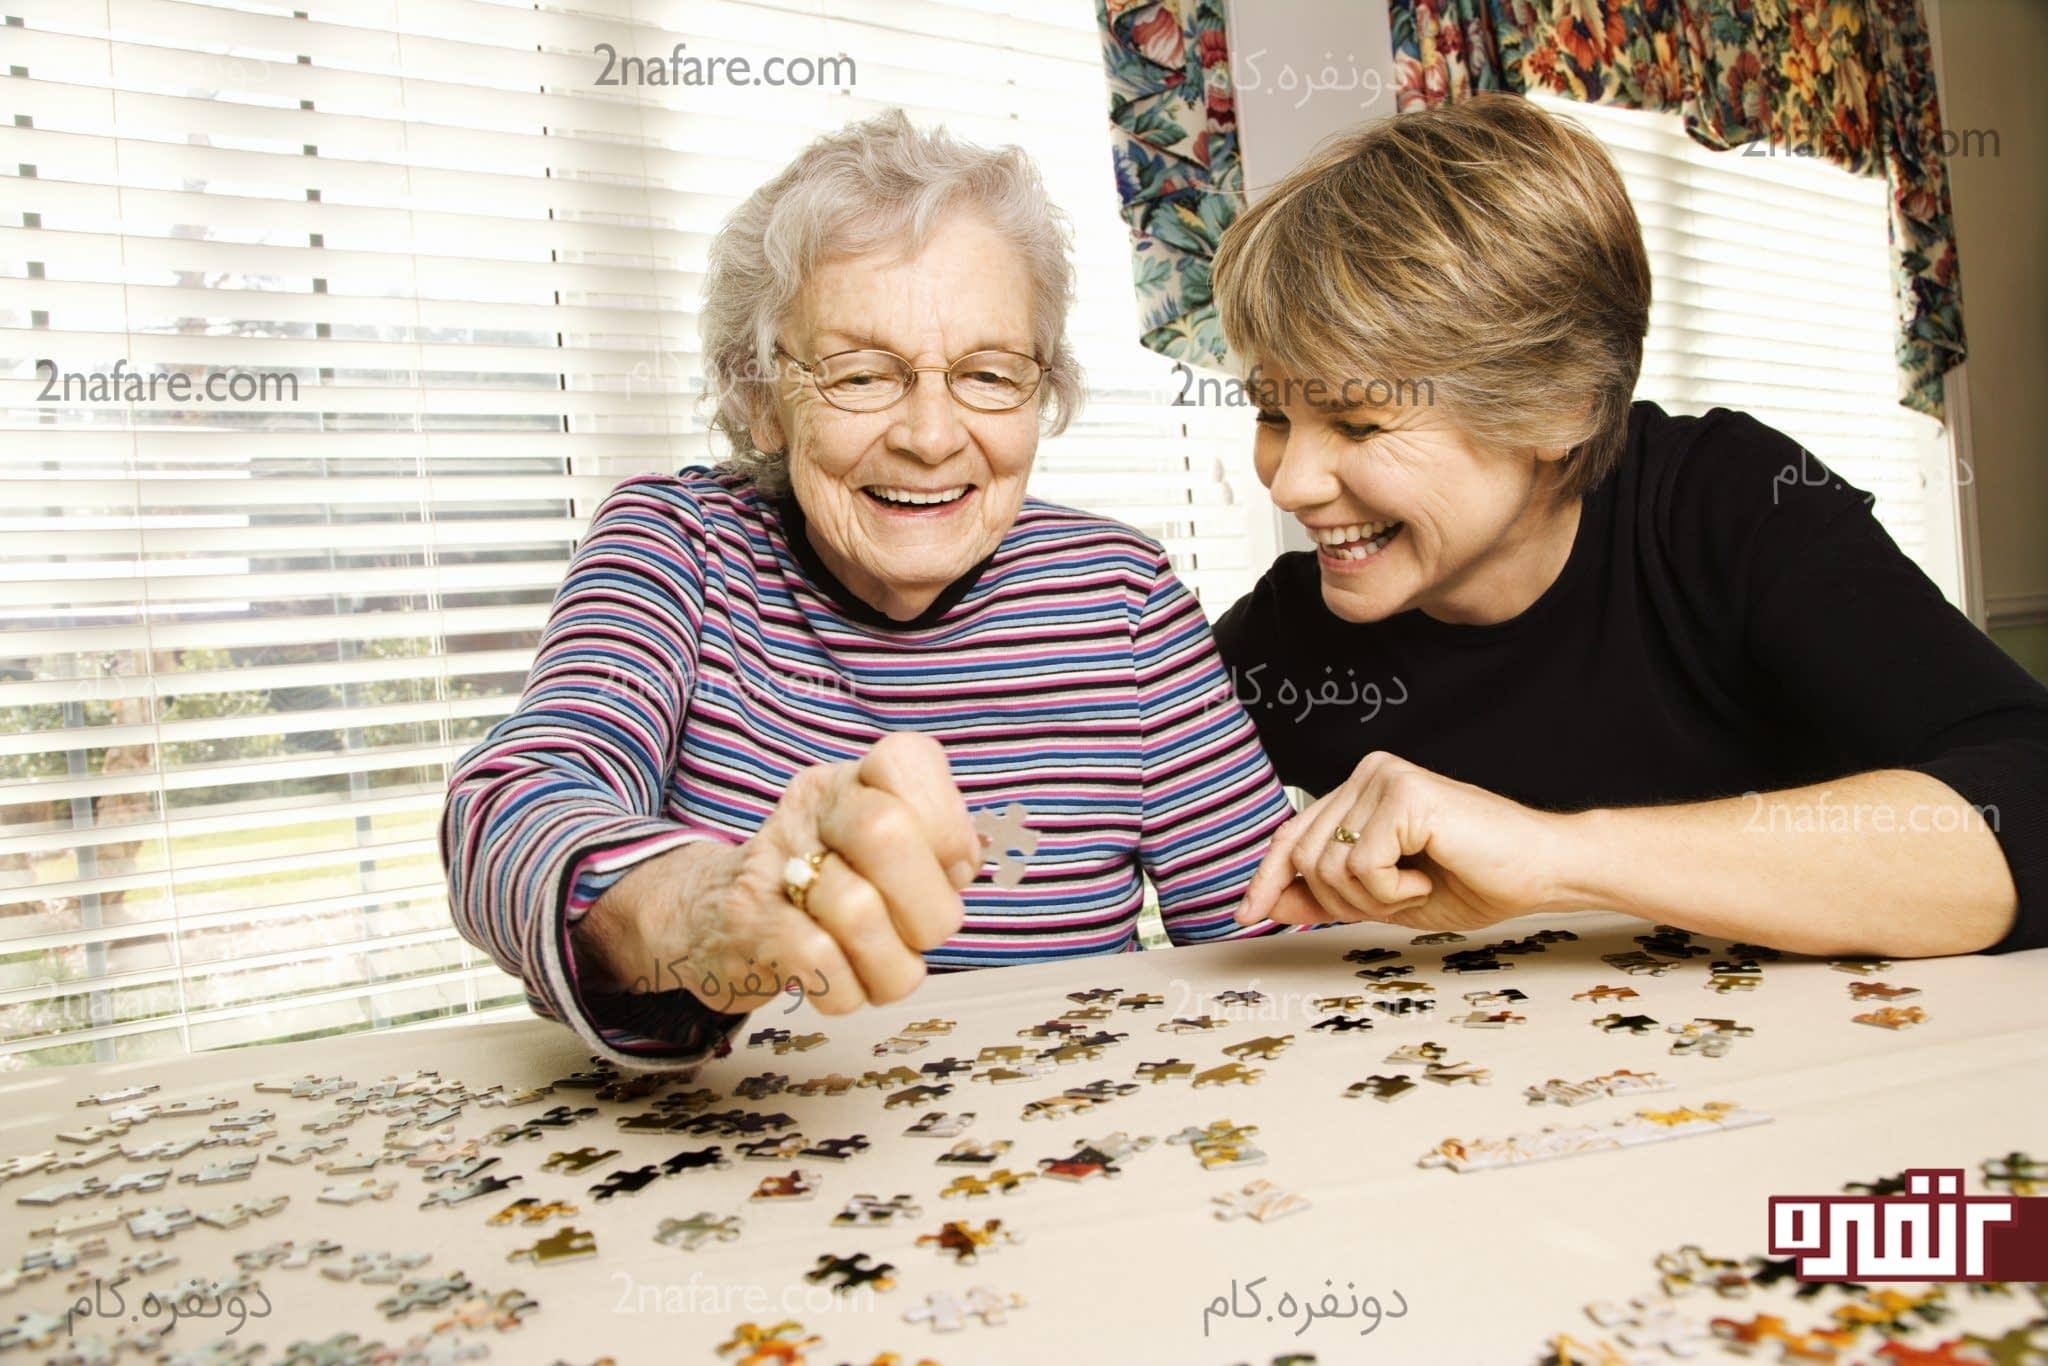 چند راهکار ساده برای تقویت حافظه سالمندان